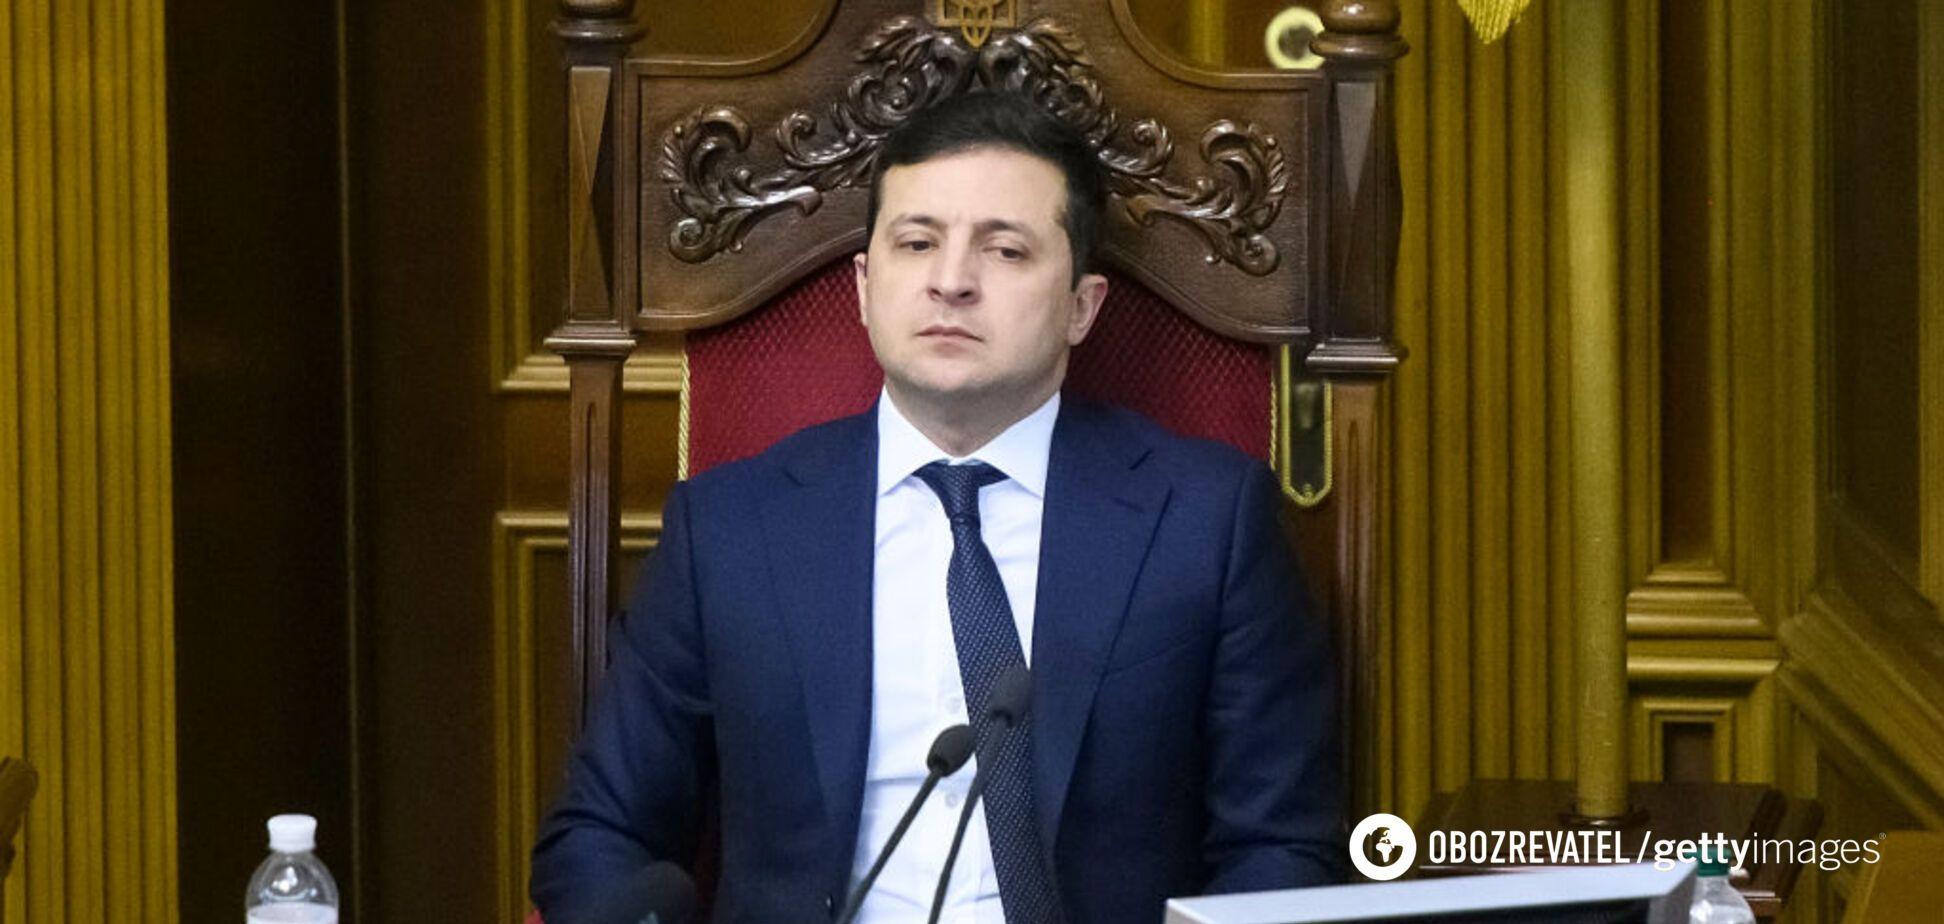 Попри передвиборчі обіцянки Зеленський не збирався проводити реформи